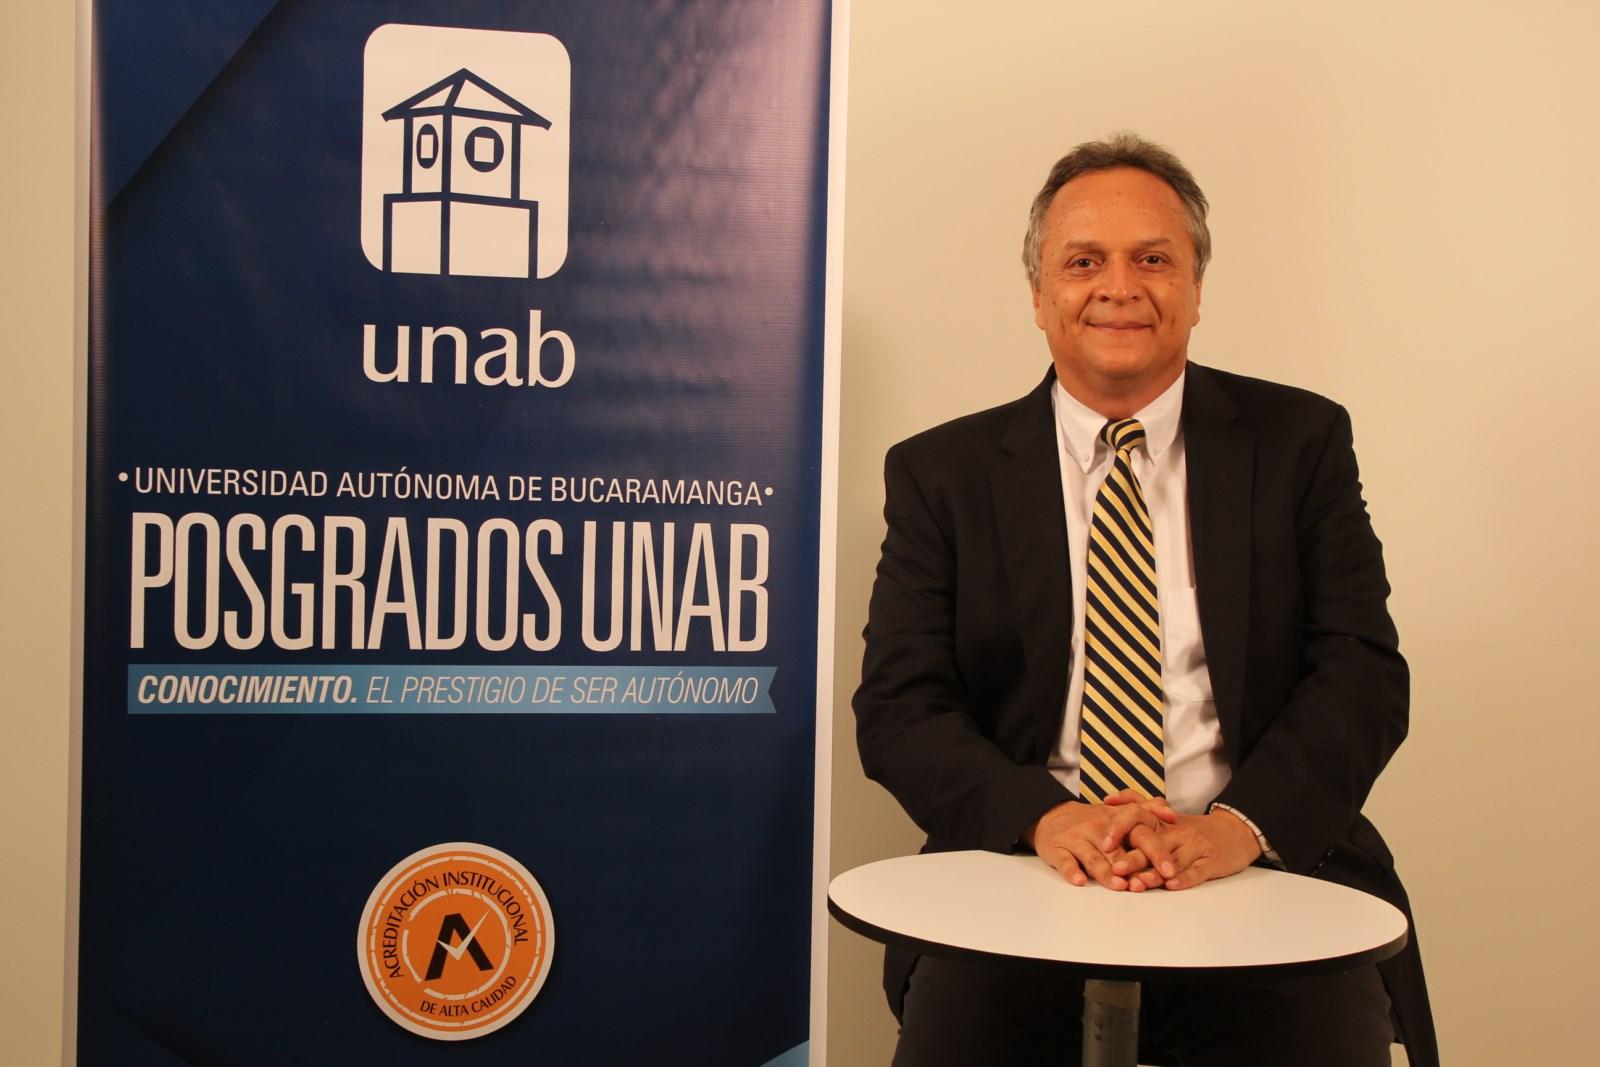 Carlos Alberto Chavera Patiño